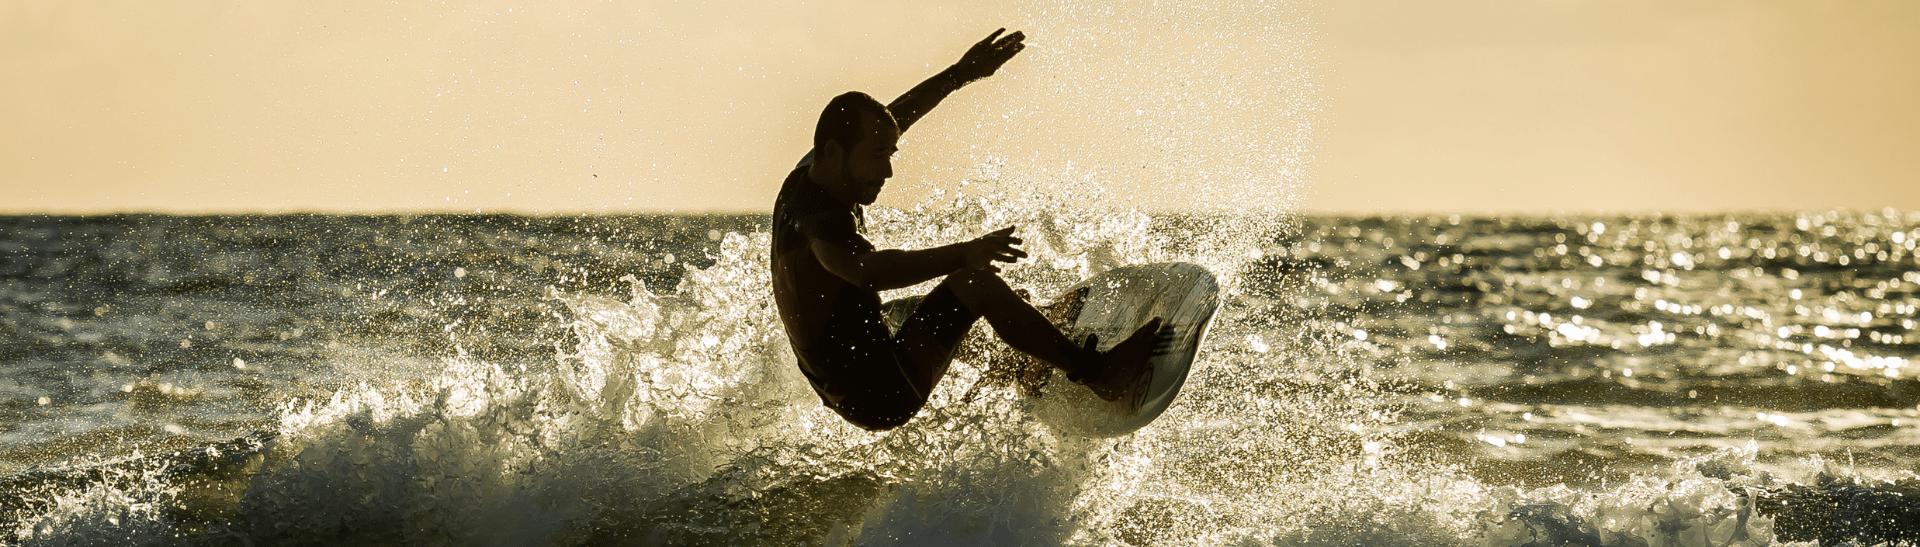 mejorar_surf